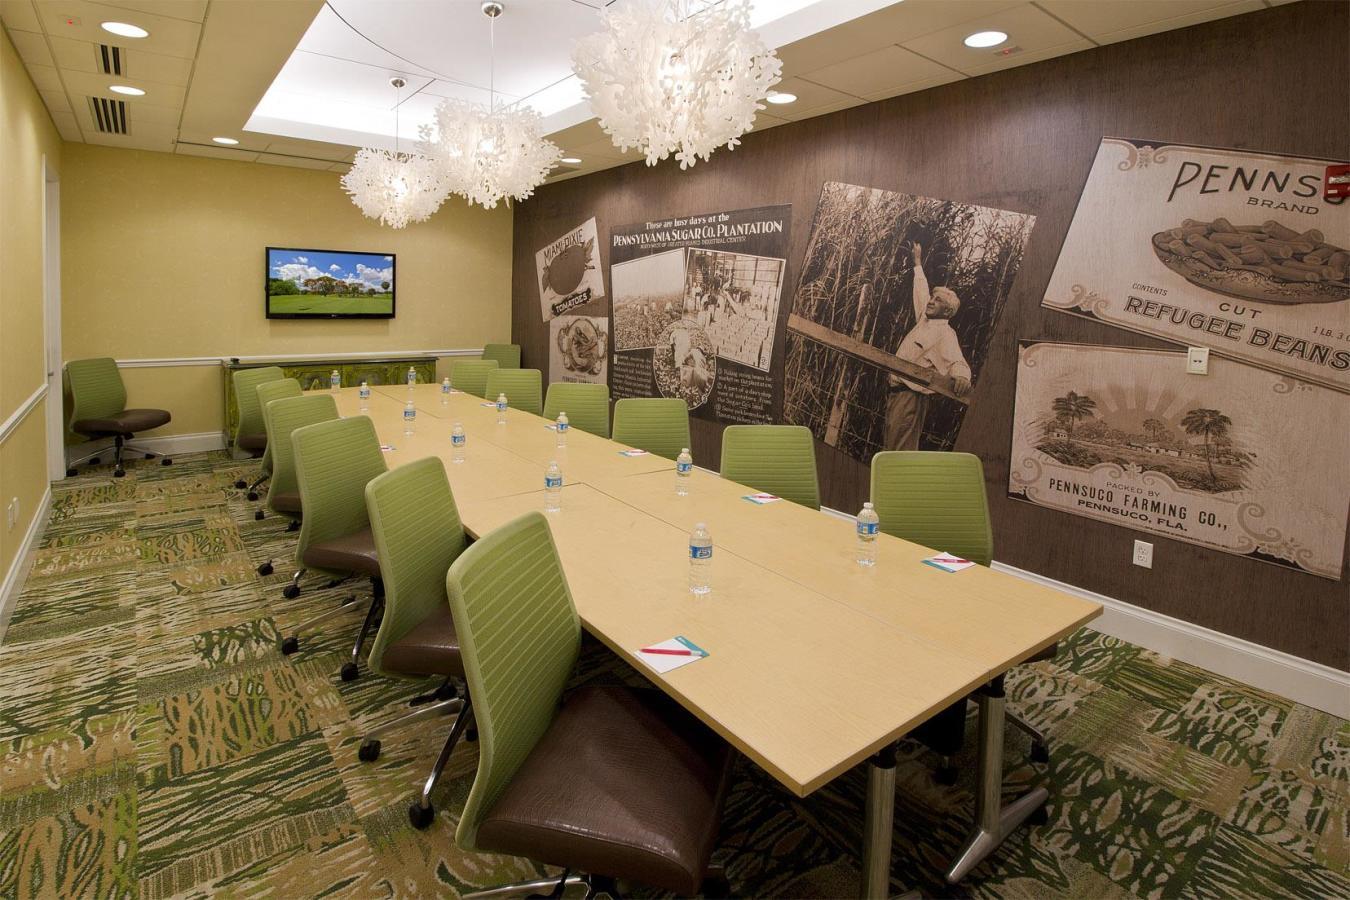 Исполнительный зал заседаний